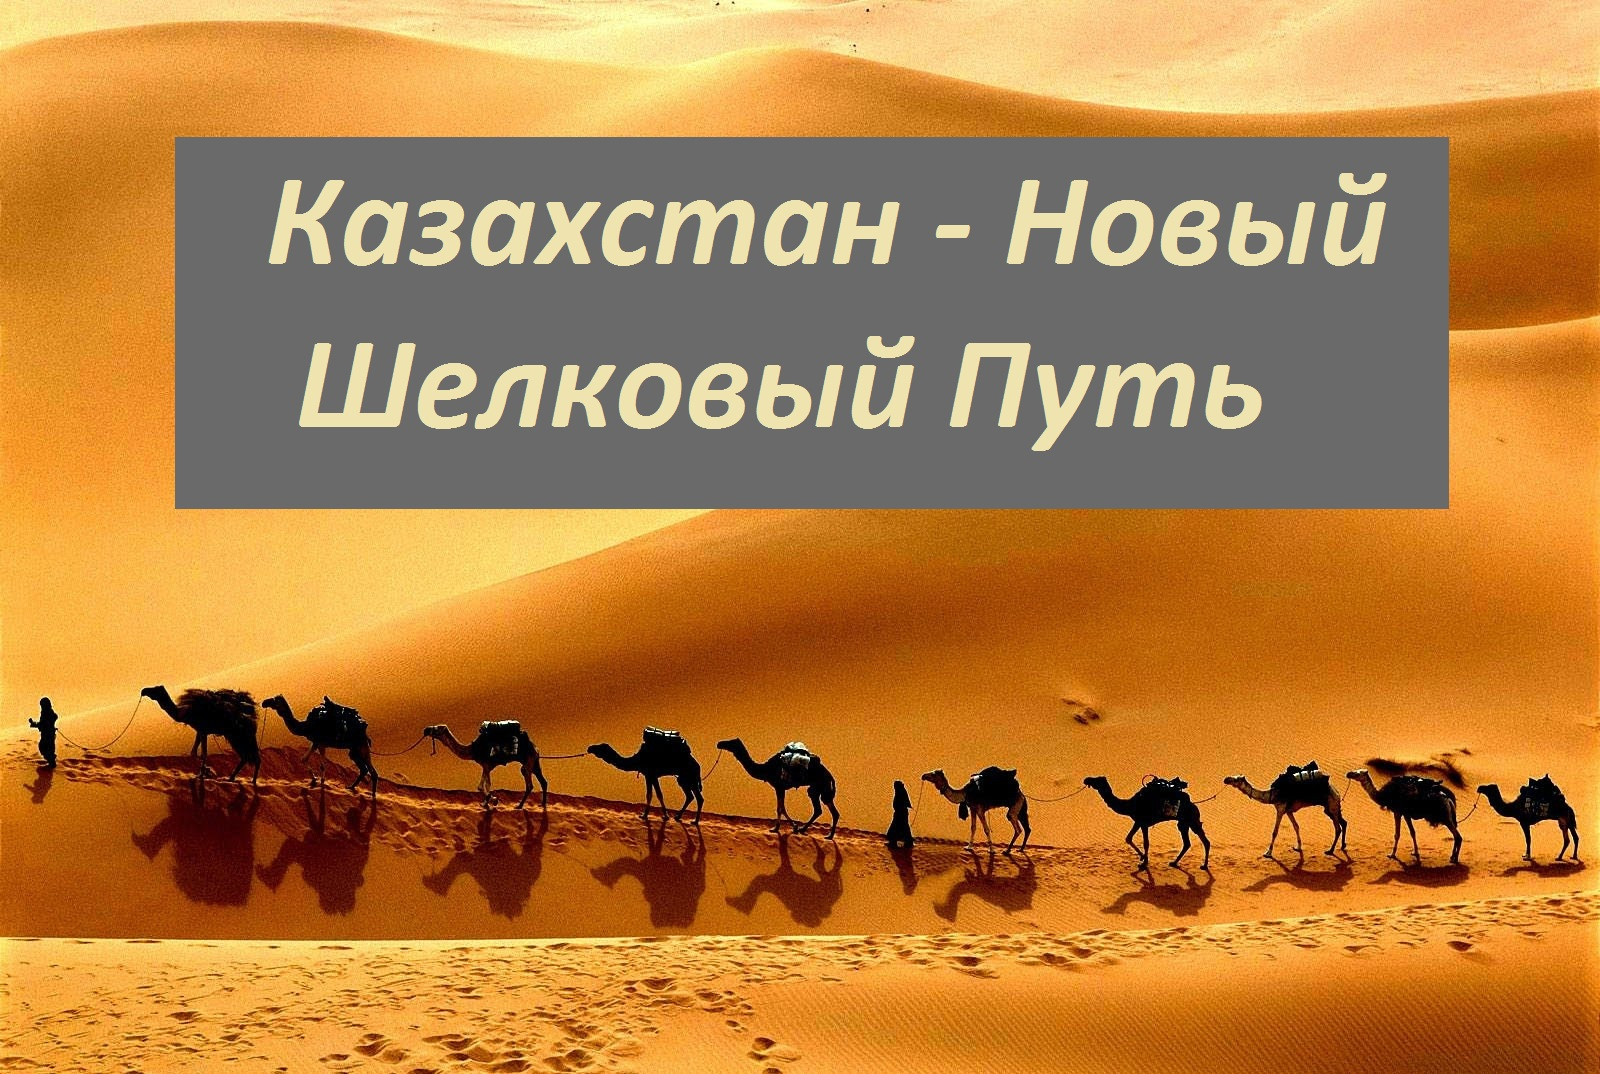 Казахстан - Новый Шелковый путь